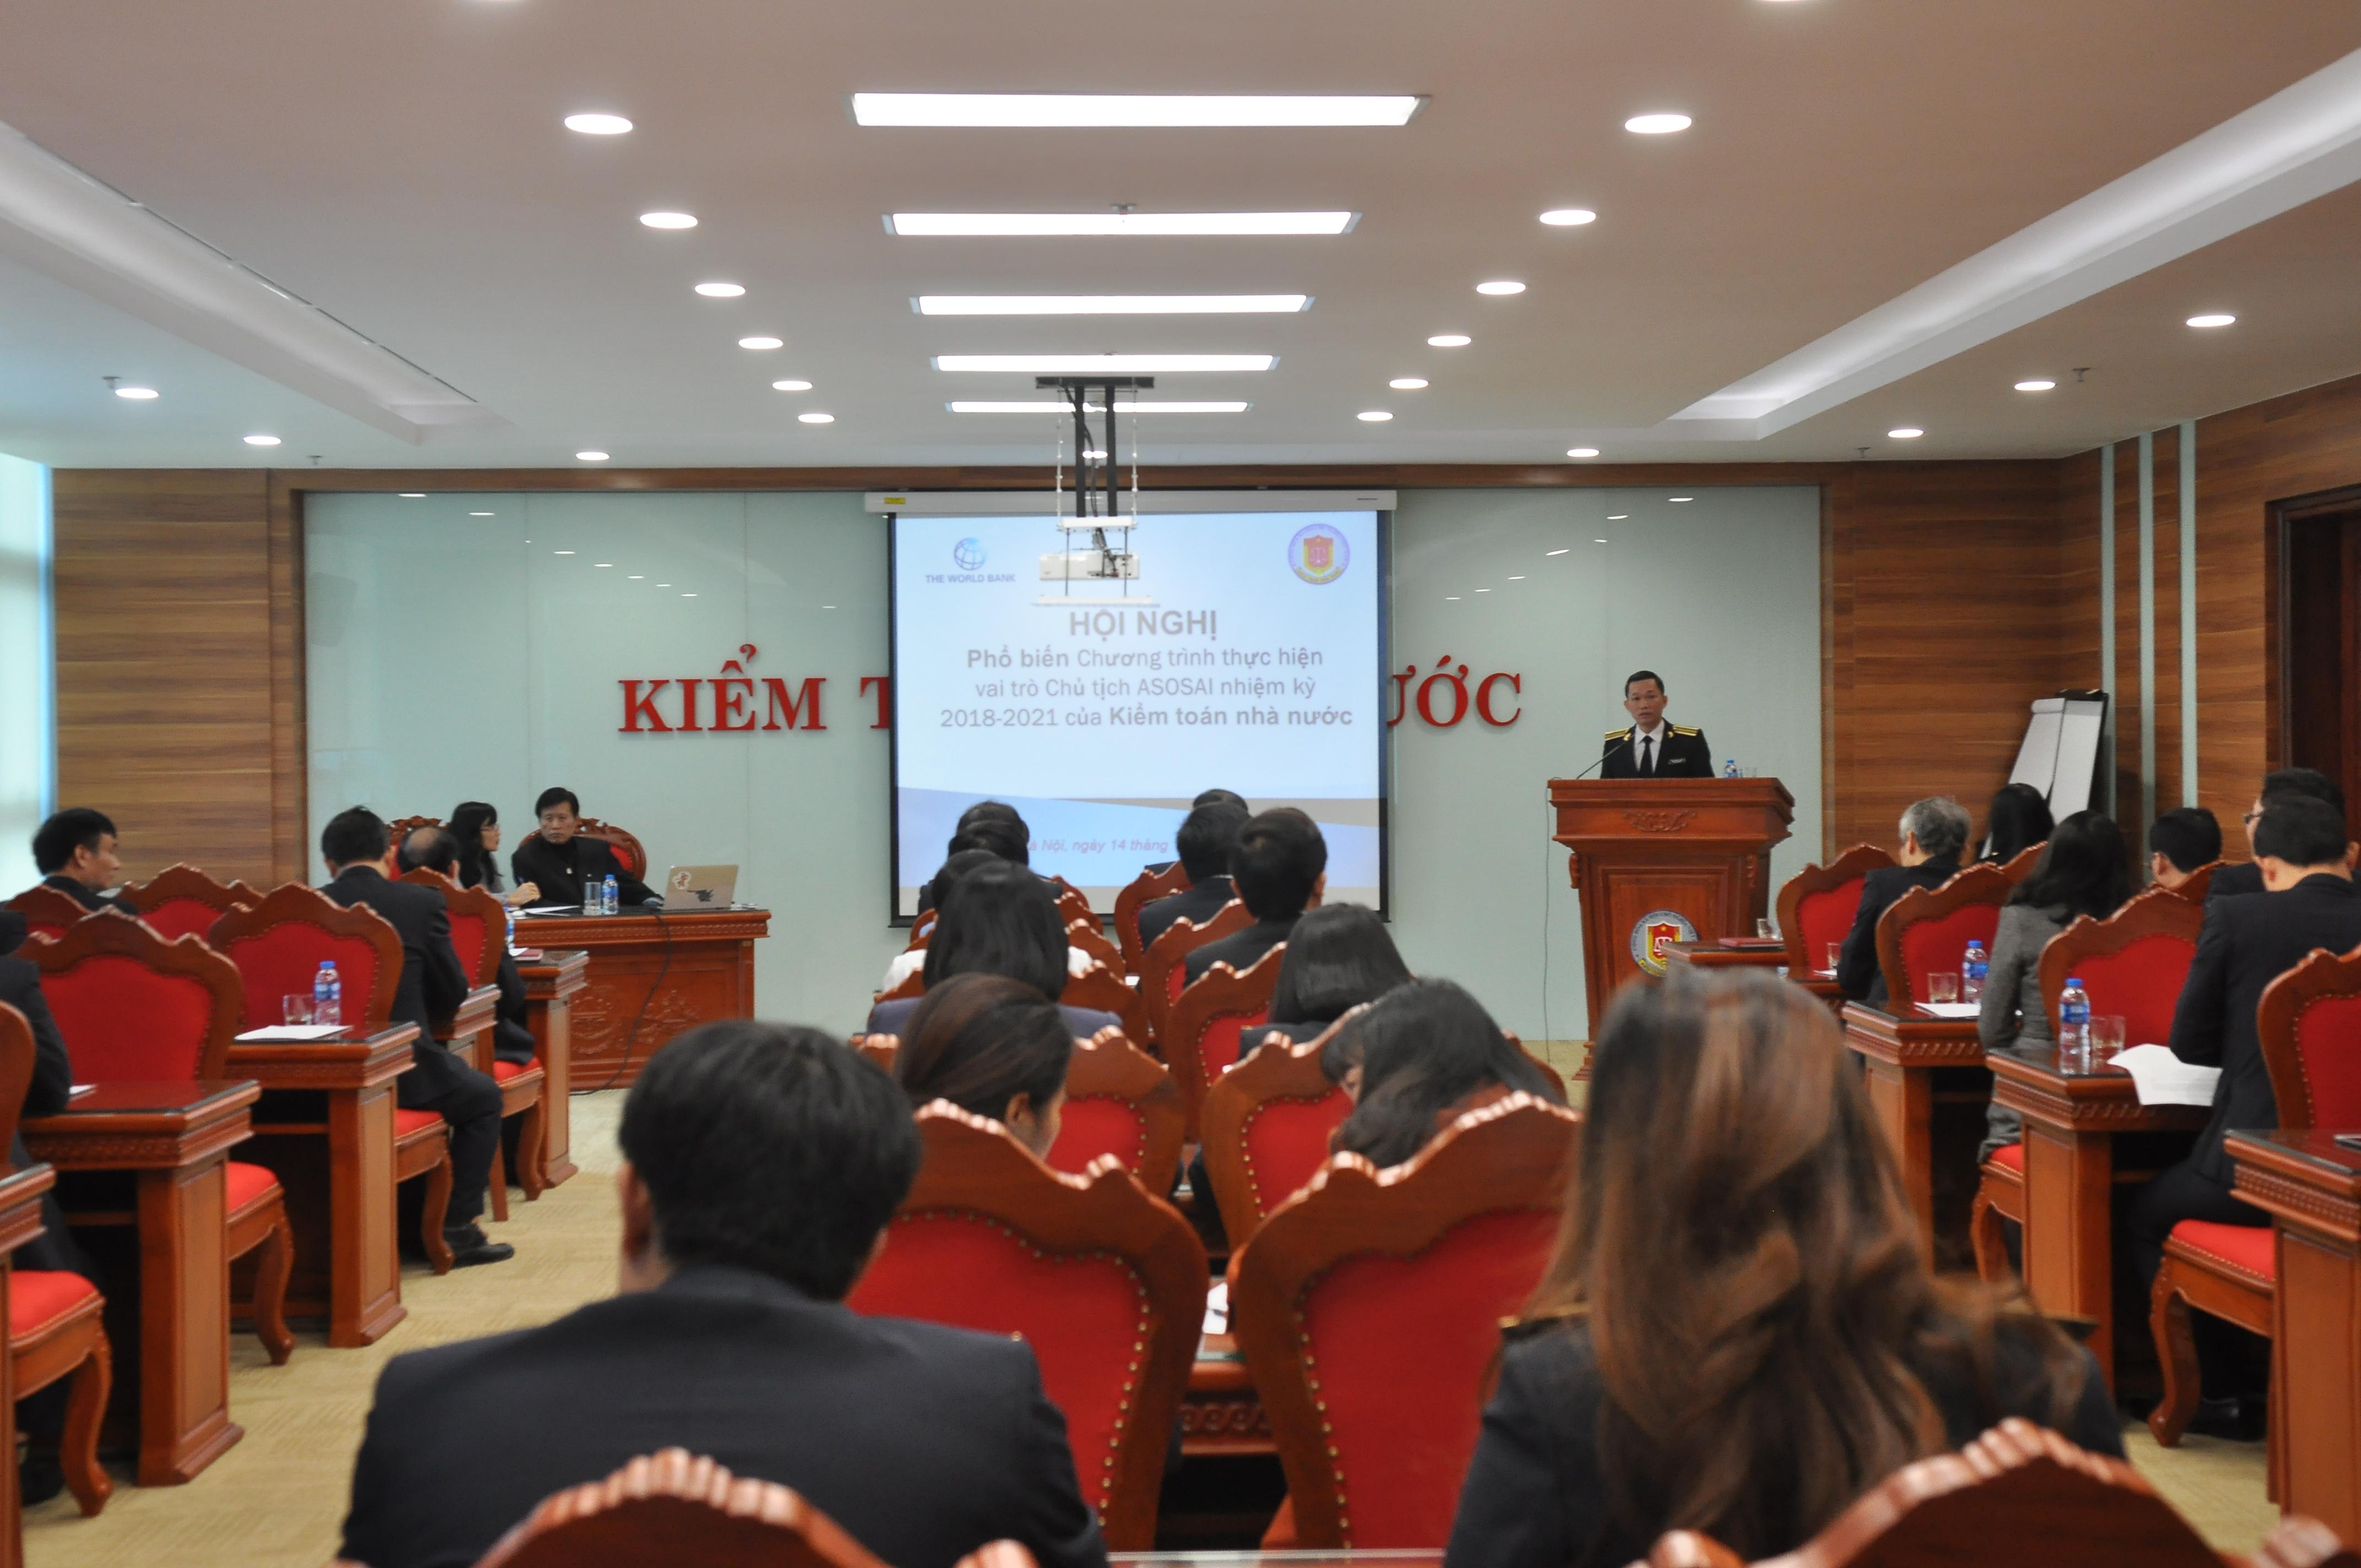 Phổ biến Chương trình thực hiện vai trò Chủ tịch ASOSAI nhiệm kỳ 2018-2021 của KTNN